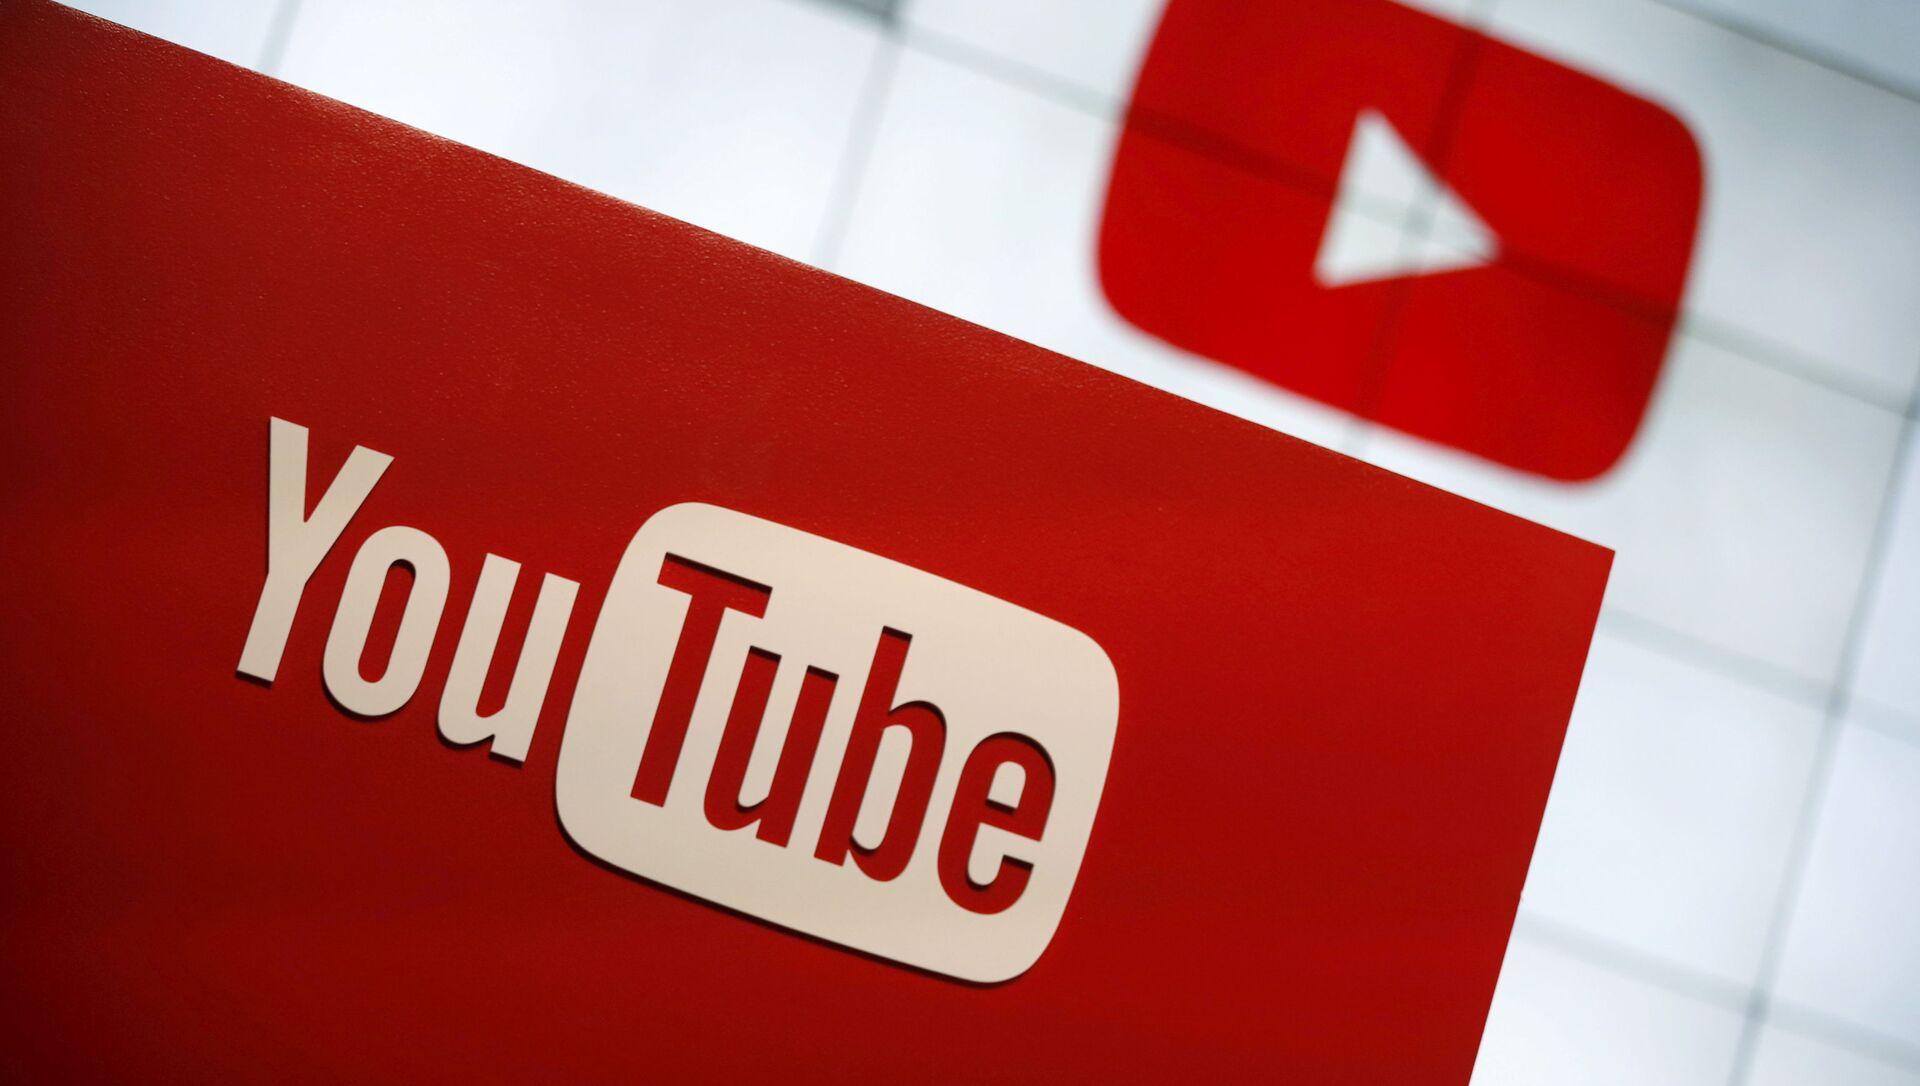 Biểu trưng YouTube tại YouTube Space LA ở Playa Del Rey, Los Angeles, California, Hoa Kỳ ngày 21 tháng 10 năm 2015. - Sputnik Việt Nam, 1920, 13.07.2021